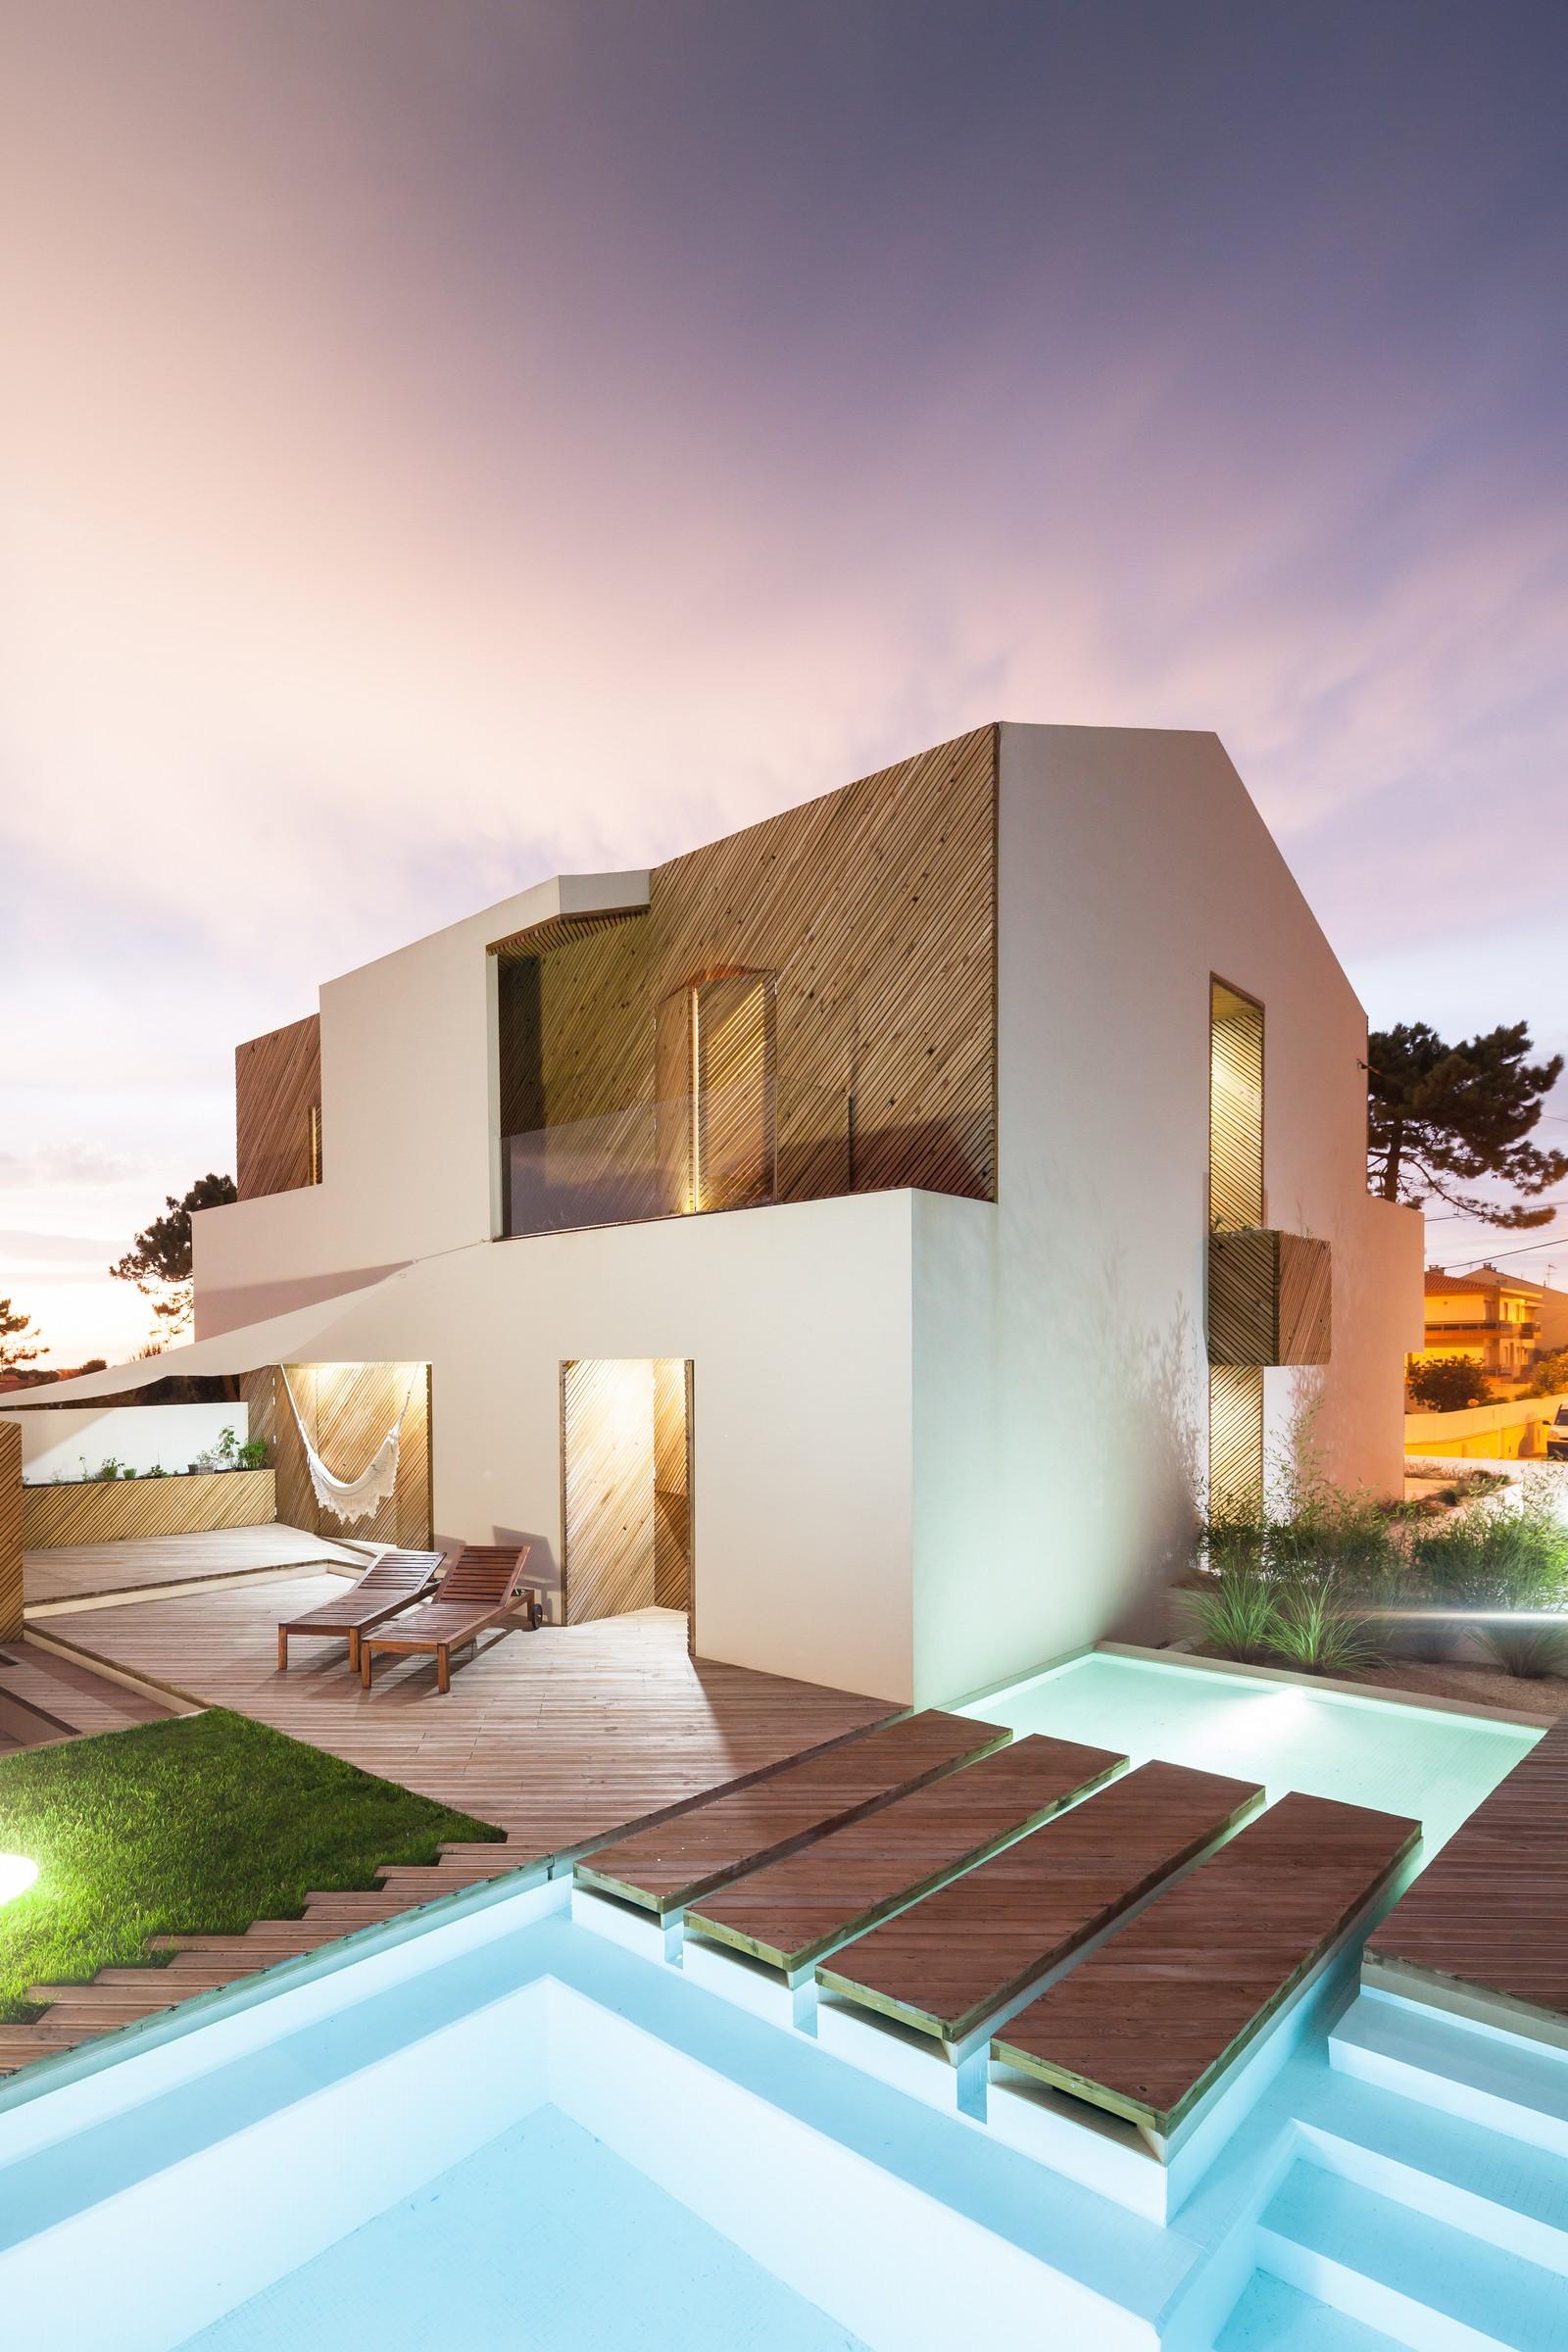 Joao Morgado - Architectural Photography